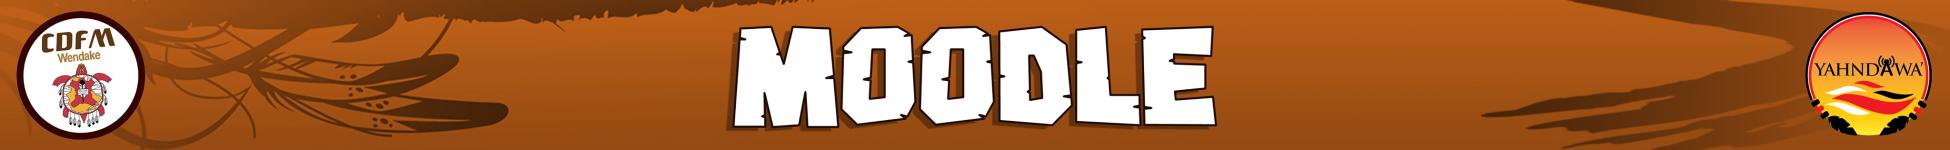 Logo of Moodle CDFM Wendake